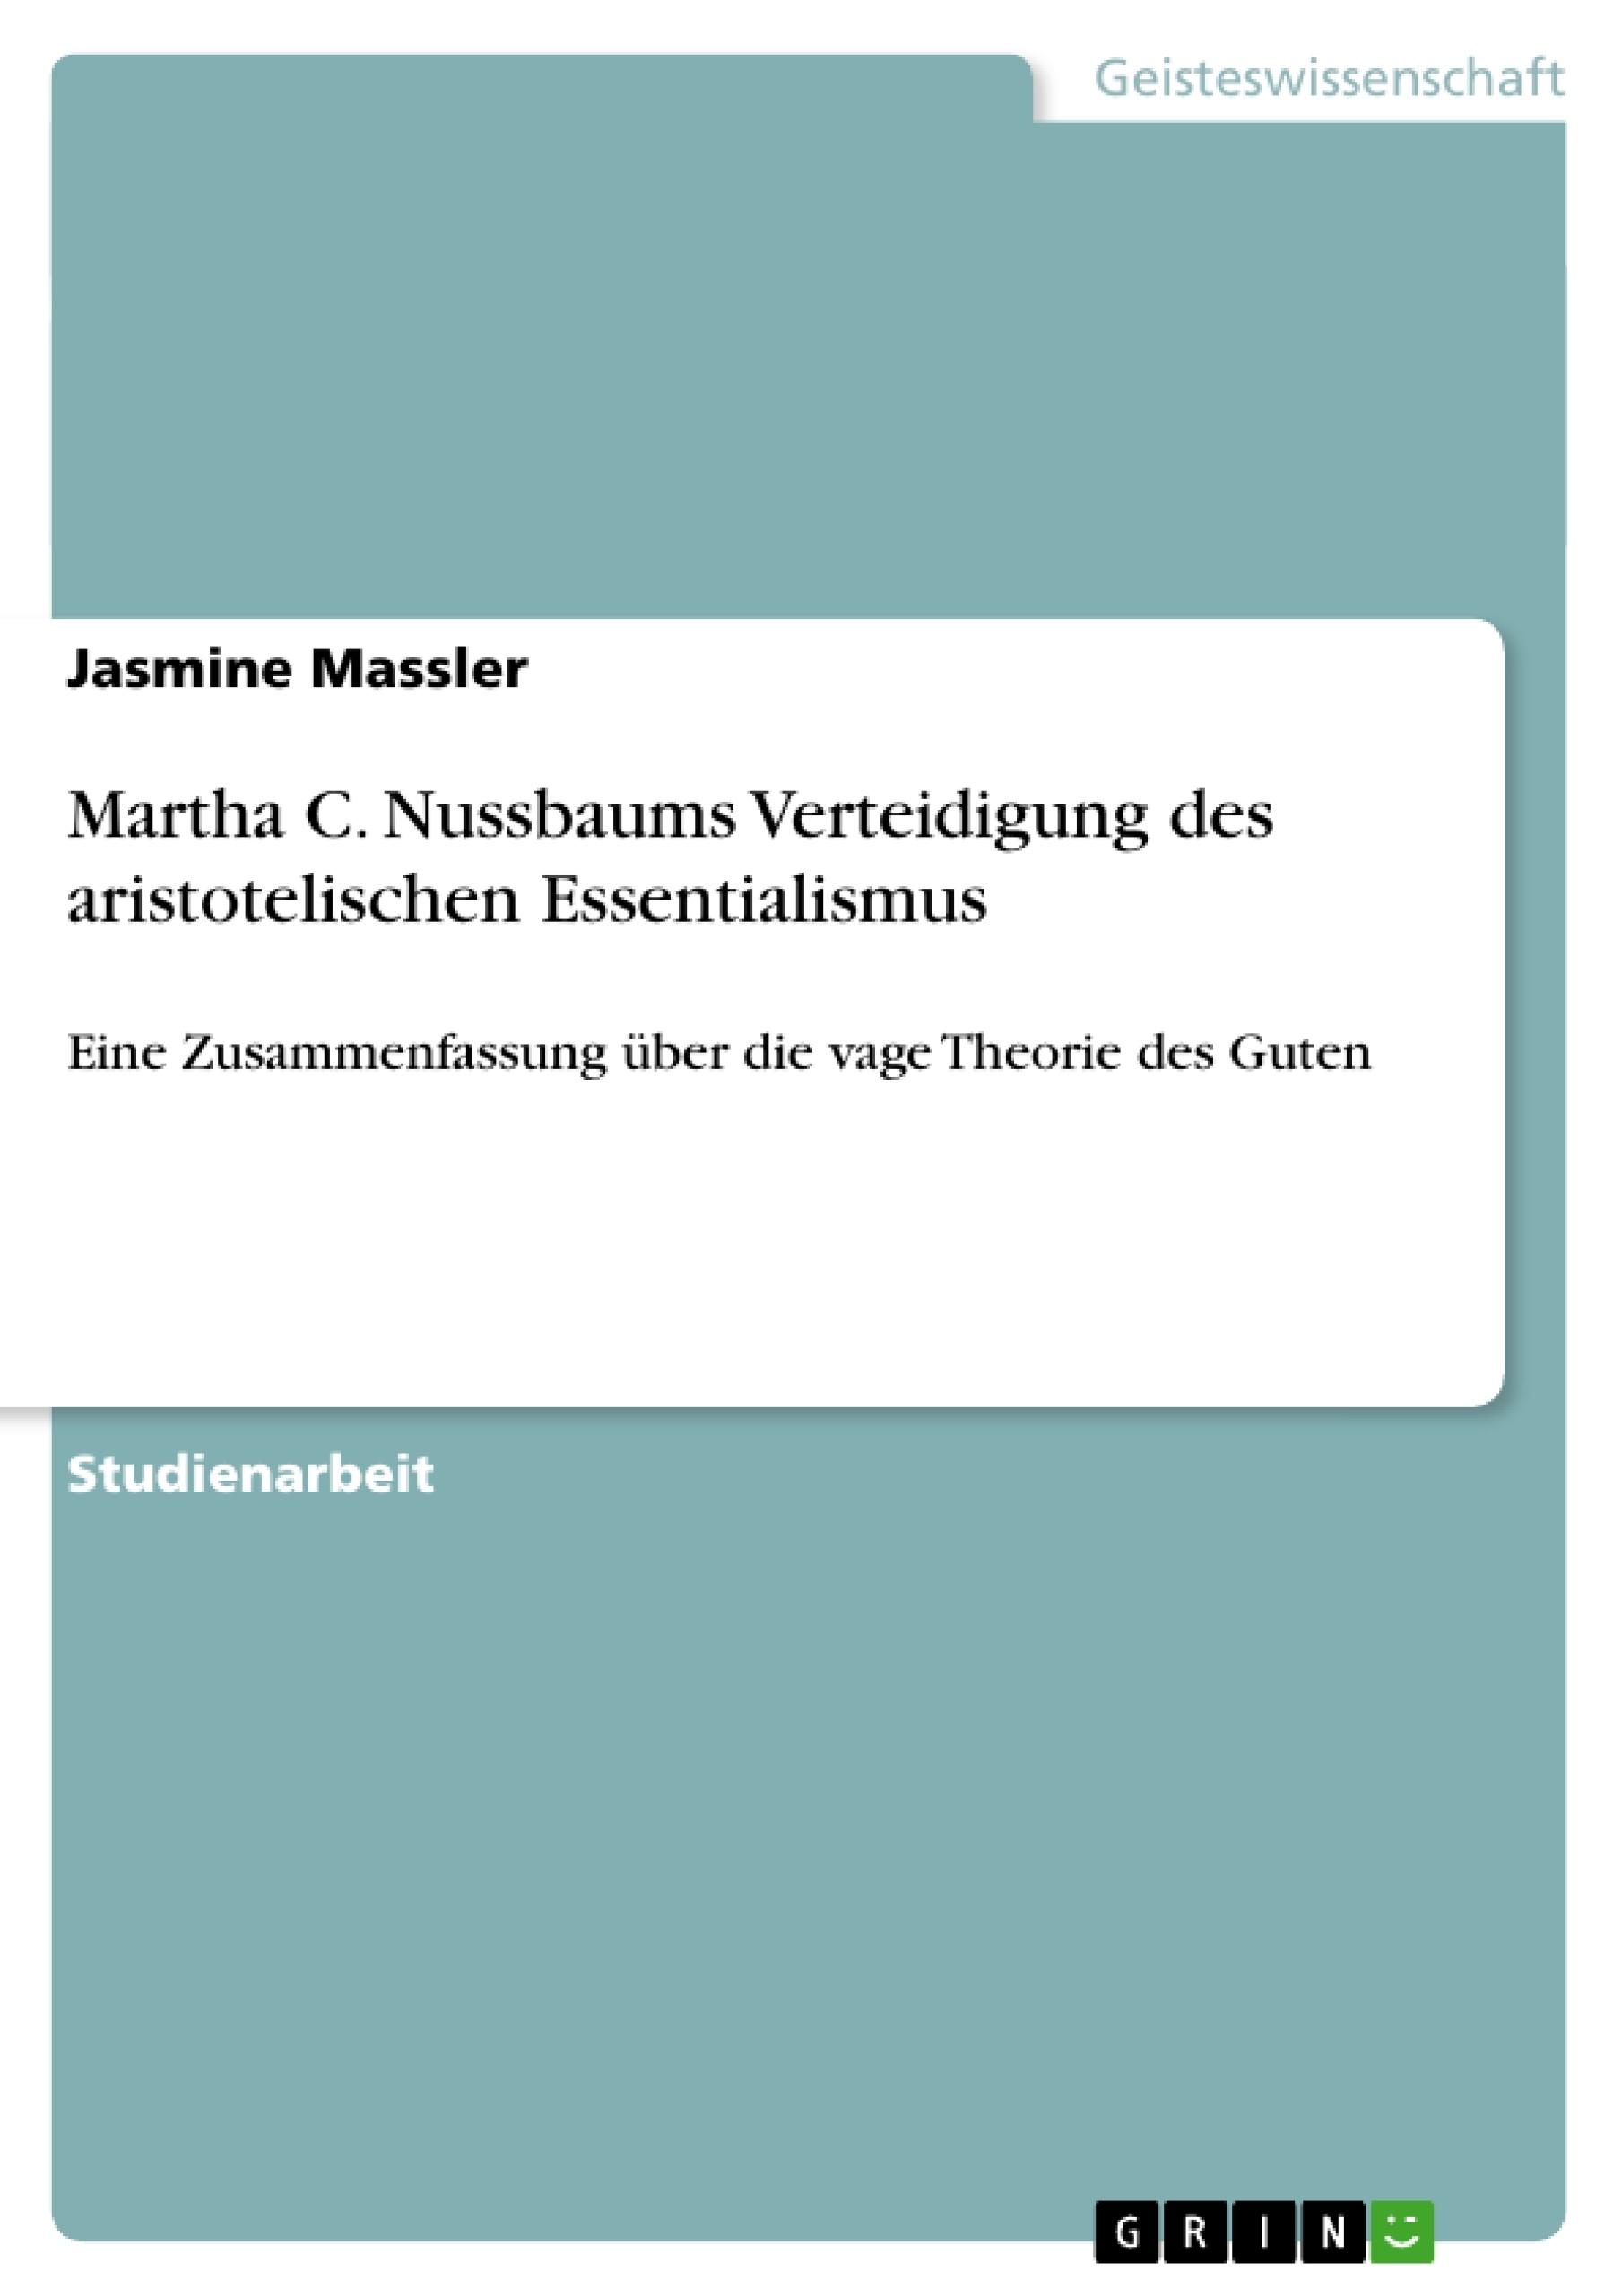 Titel: Martha C. Nussbaums Verteidigung des aristotelischen Essentialismus